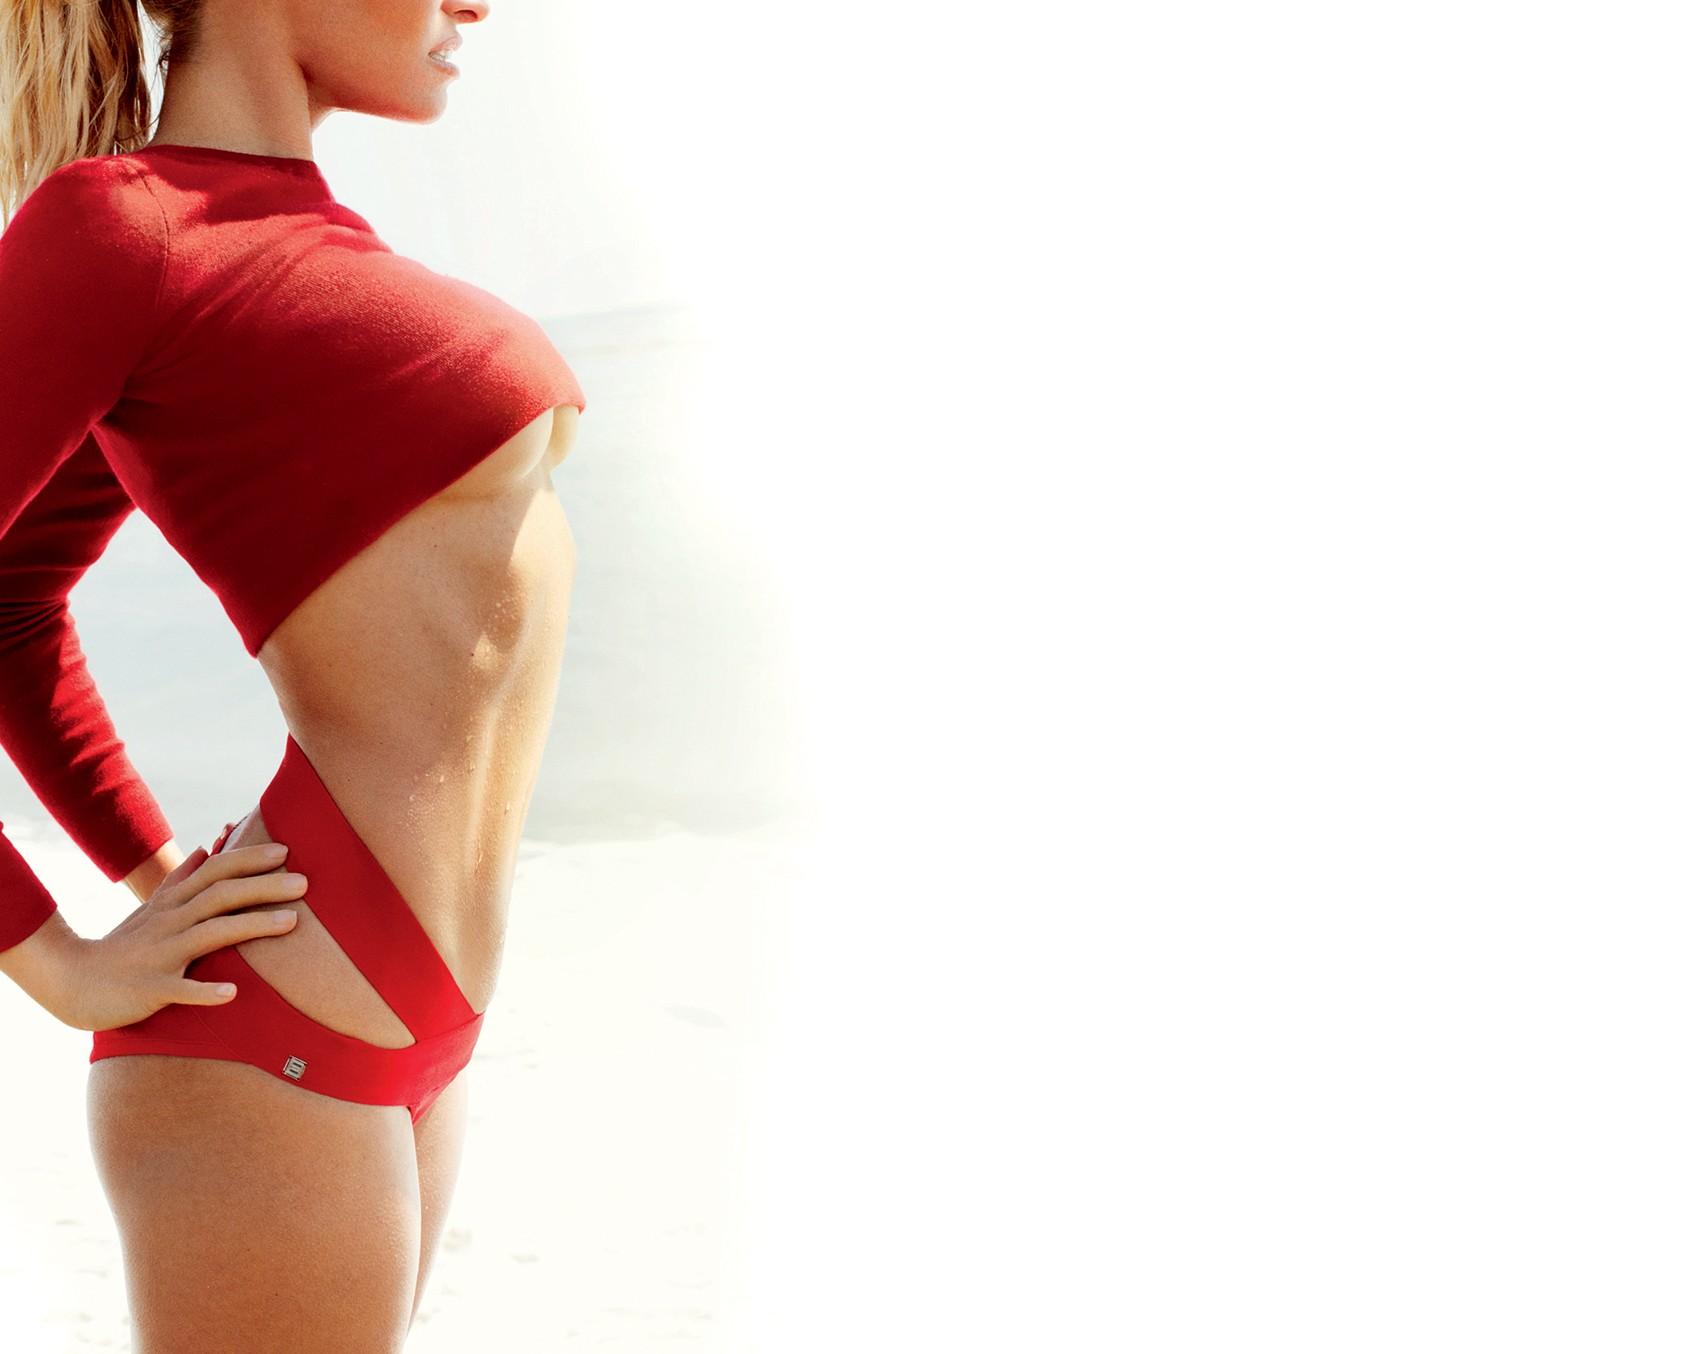 Conheça a técnica que promete cintura DE PILÃO e barriga negativa sem fazer sequer um exercício ABDOMINAL (Foto: Zee Nunes / Arquivo Vogue)